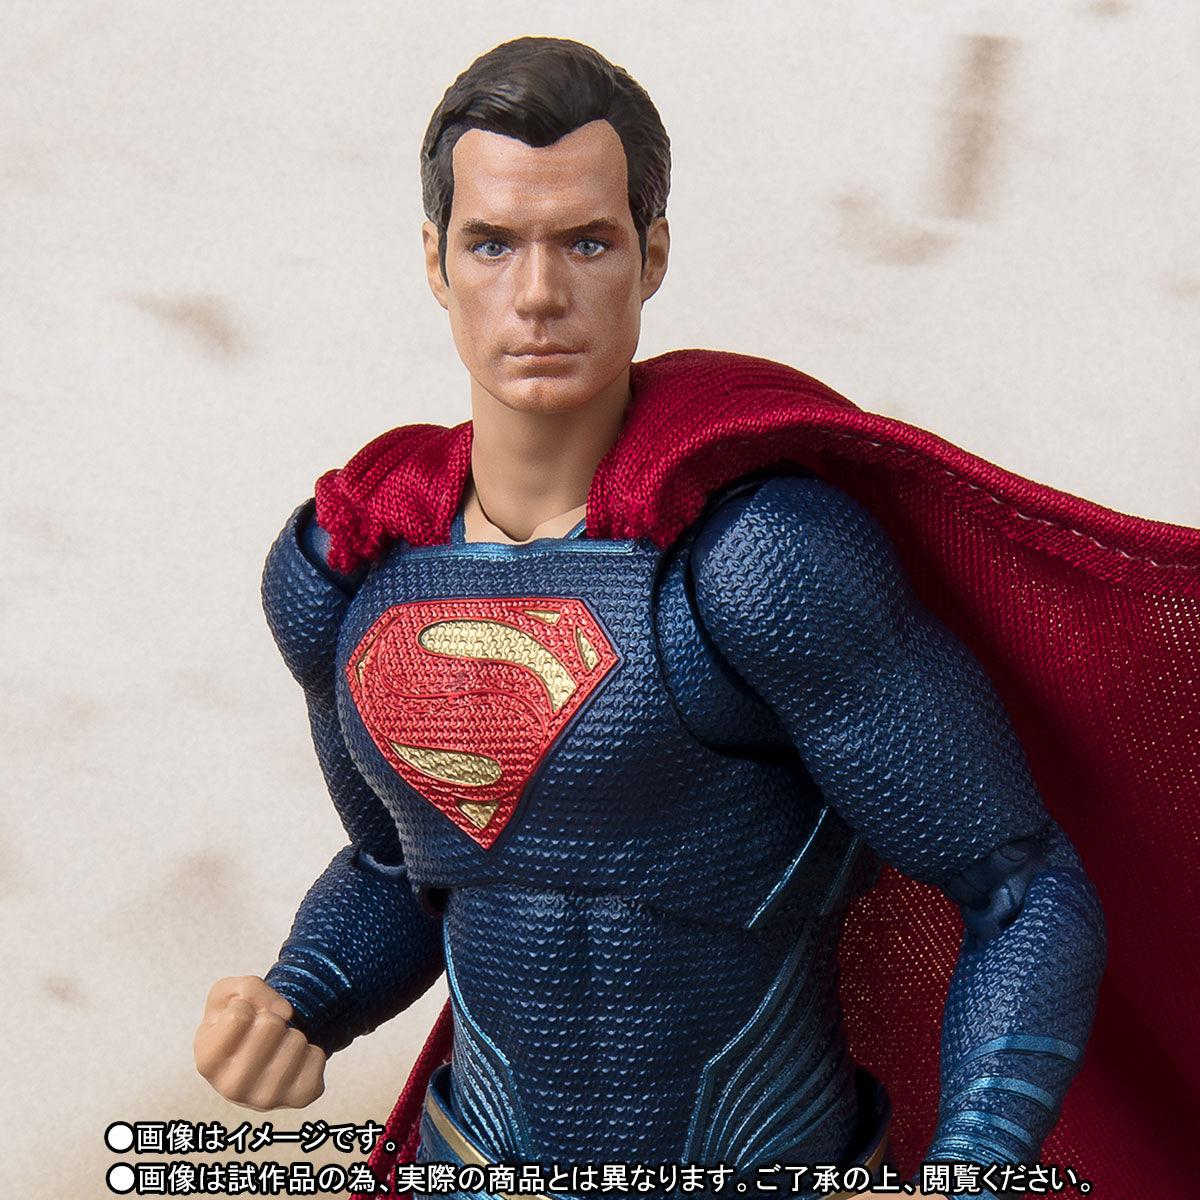 SH-Figuarts-JL-Superman-002